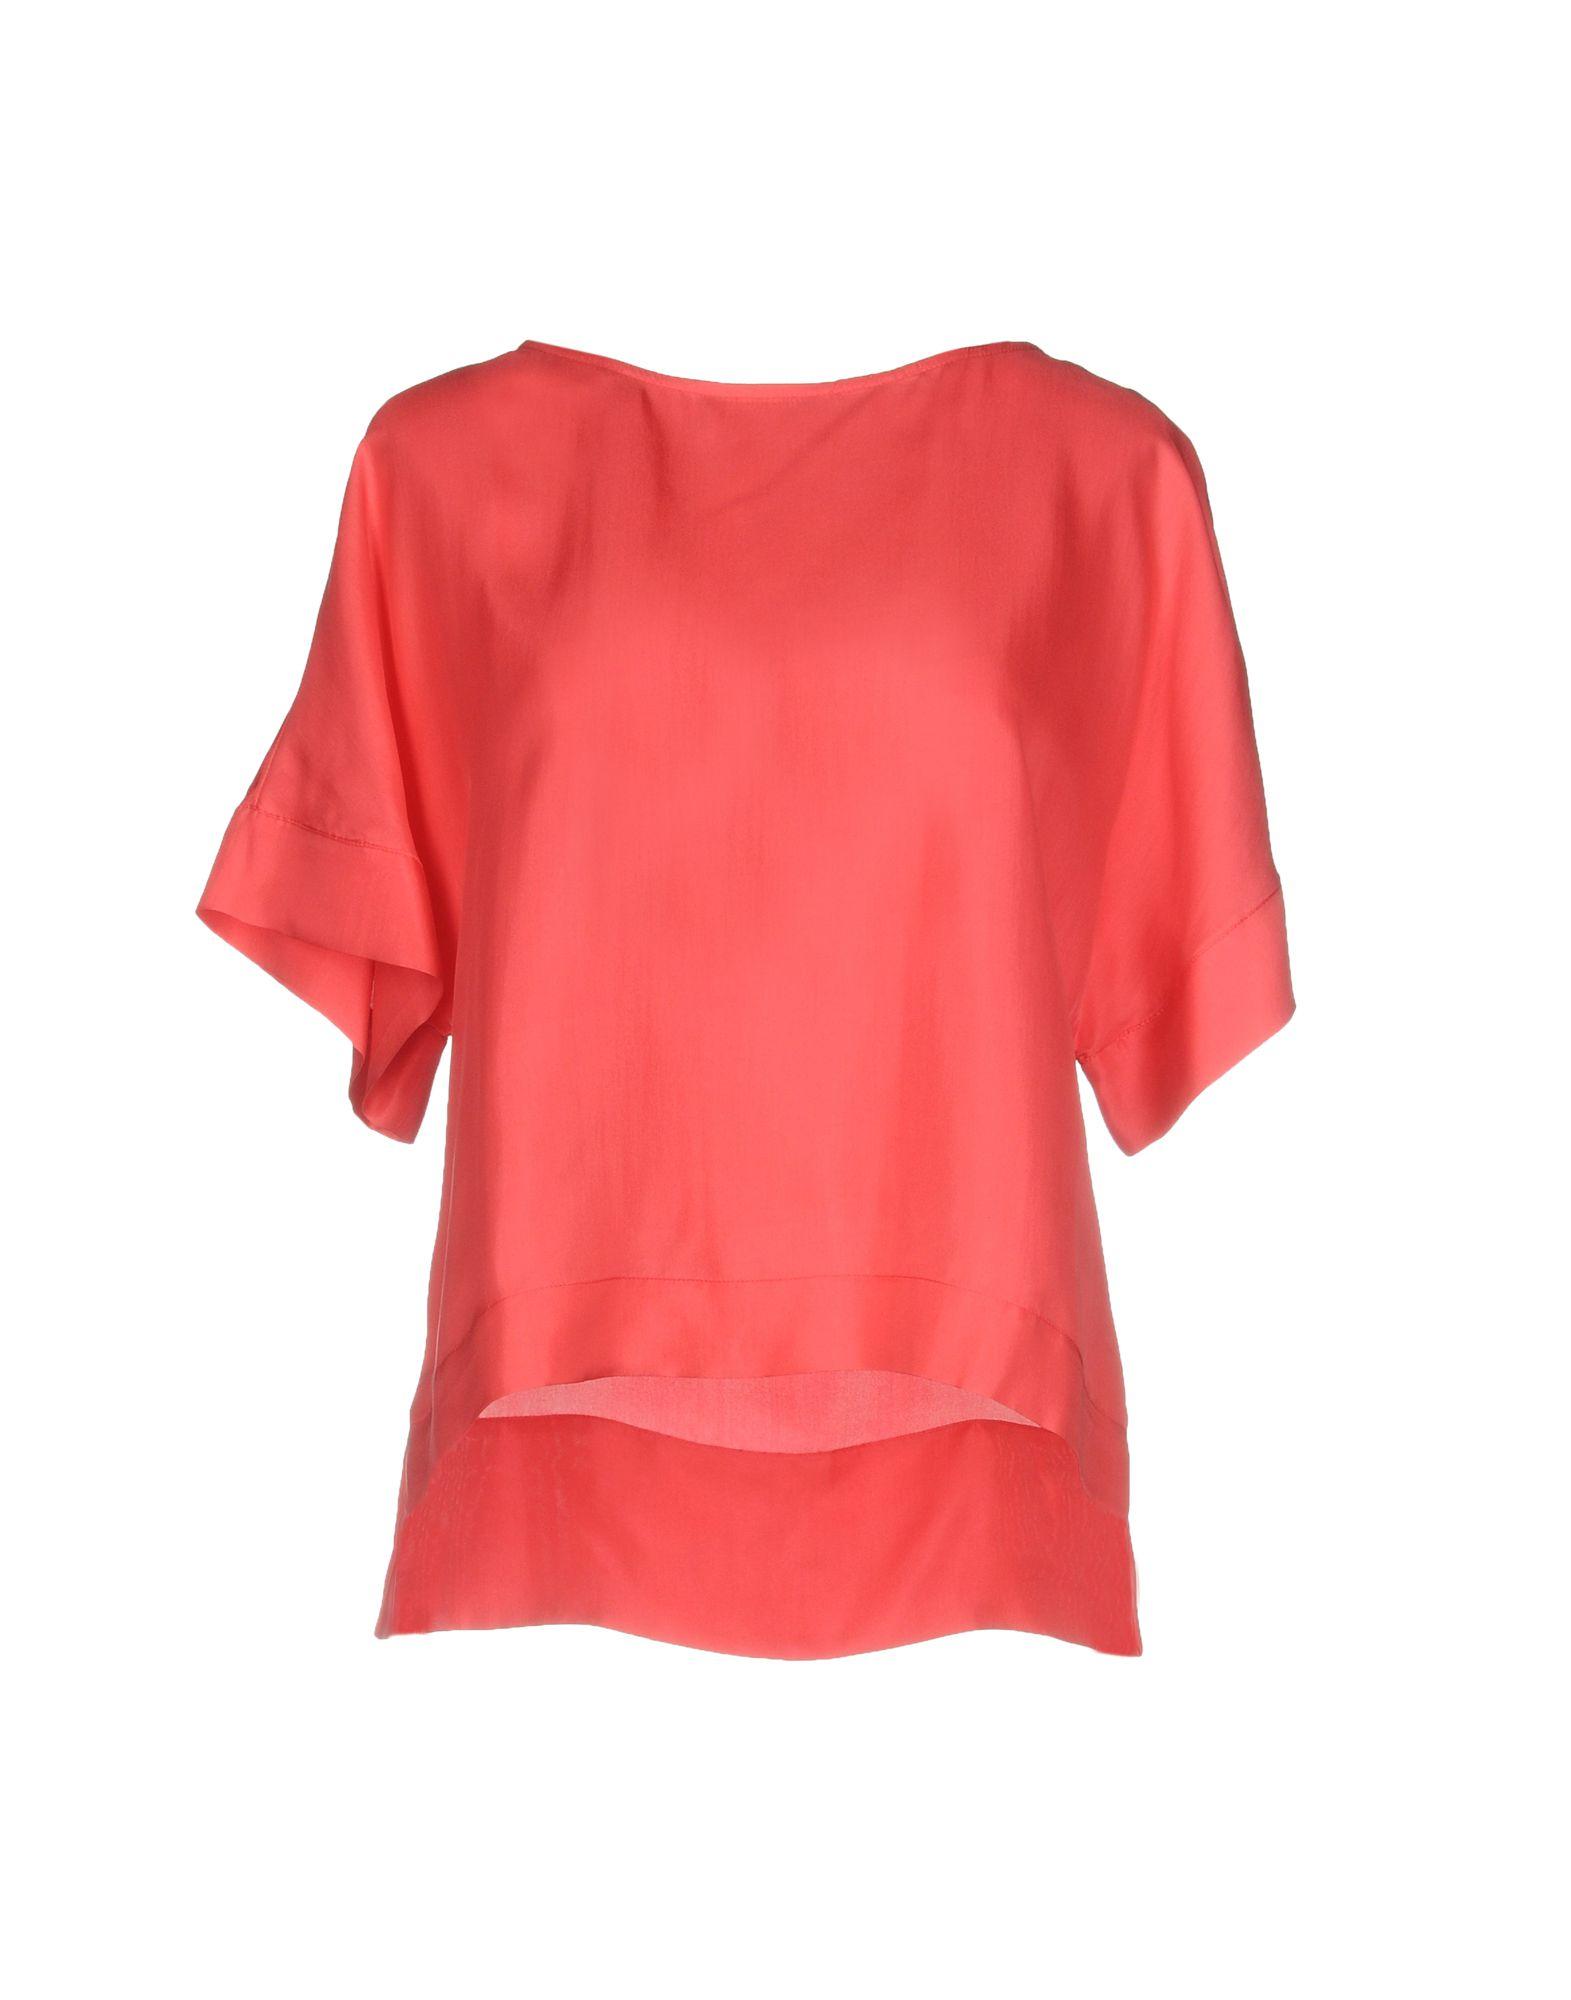 CLASS ROBERTO CAVALLI Блузка roberto cavalli расклешенная блузка с прозрачной панелью